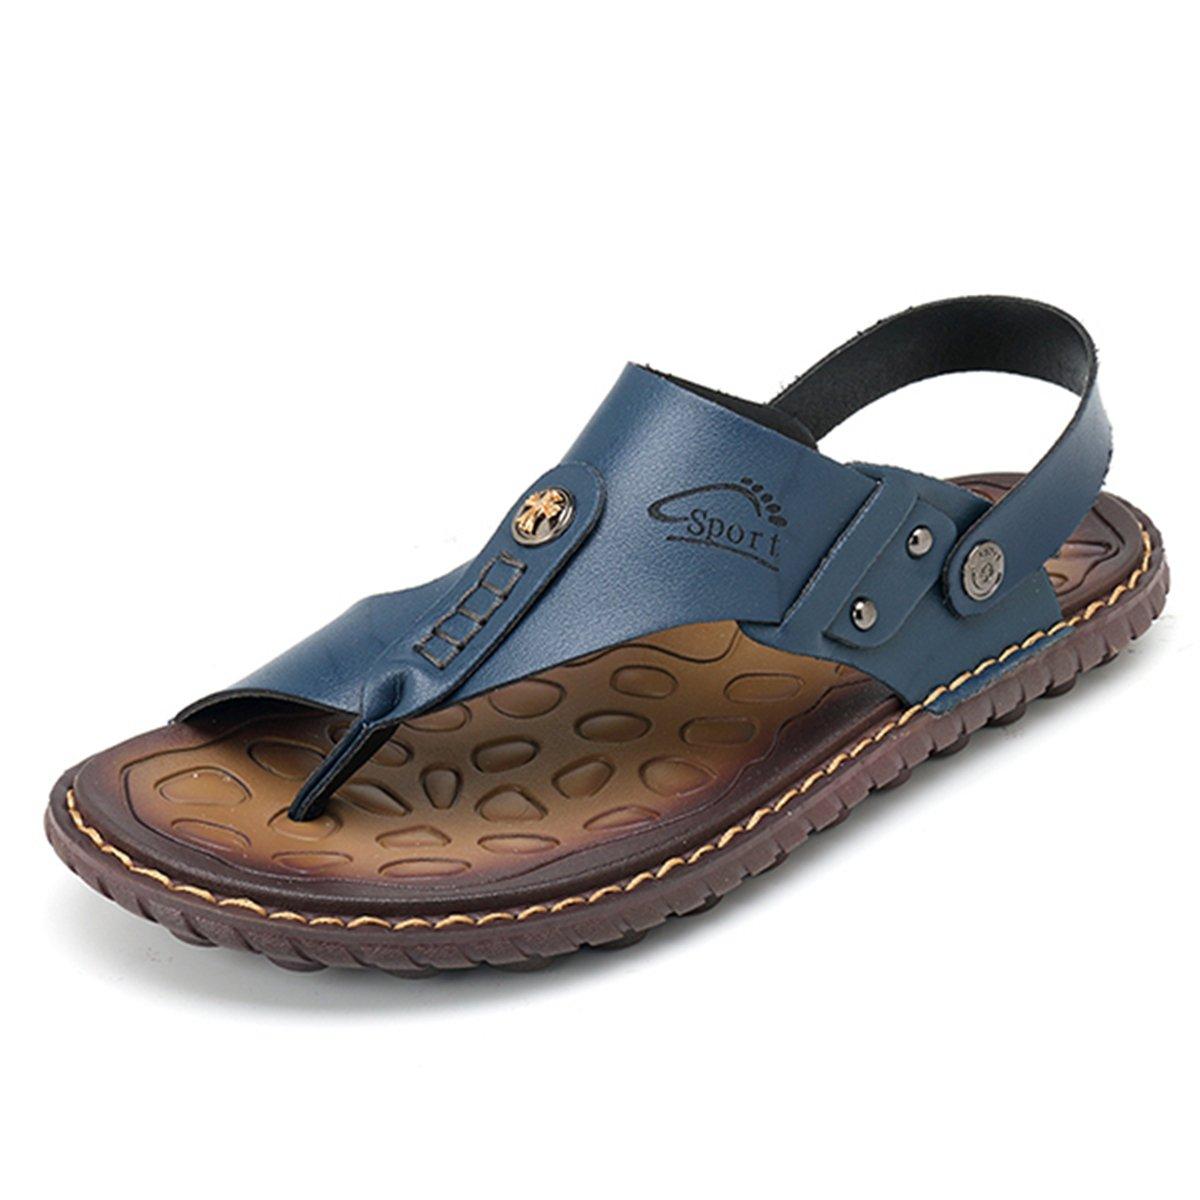 6d94d7de993 gracosy Men s Leather Clip Toe Sandals